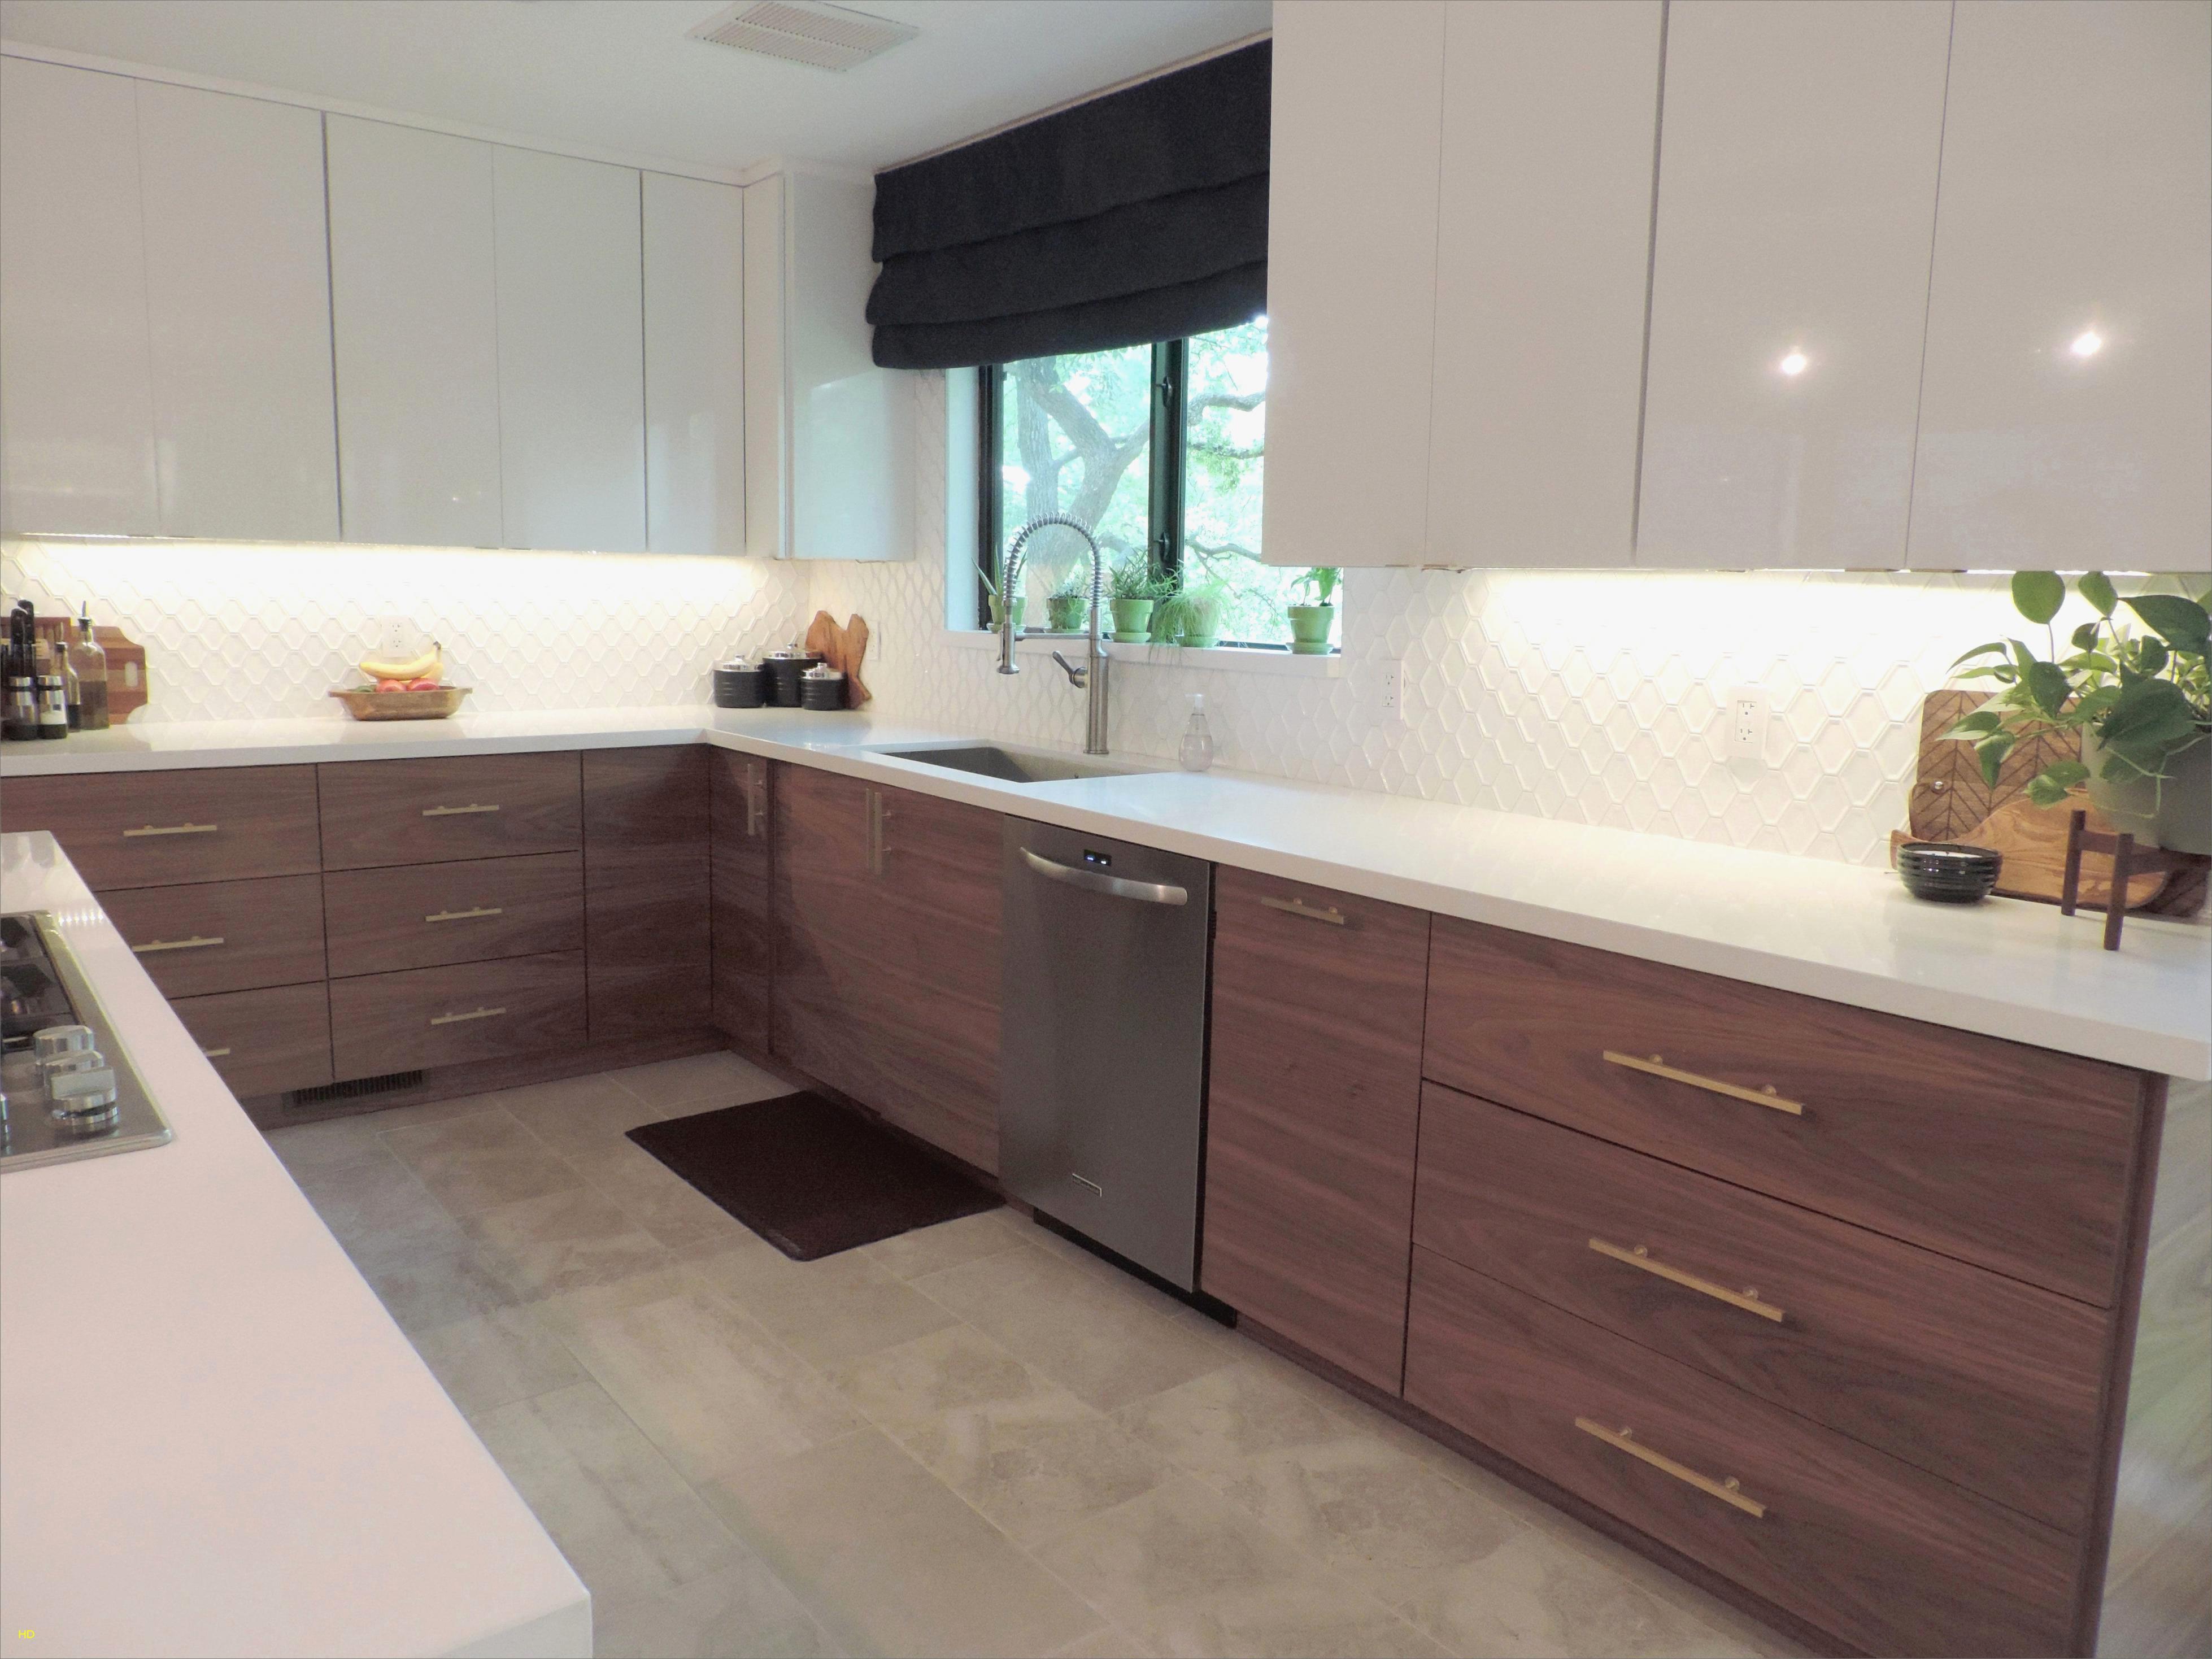 Ikea Miroir Salle De Bains Beau Stock Le Plus Applique Exterieur Ikea Idée – Sullivanmaxx